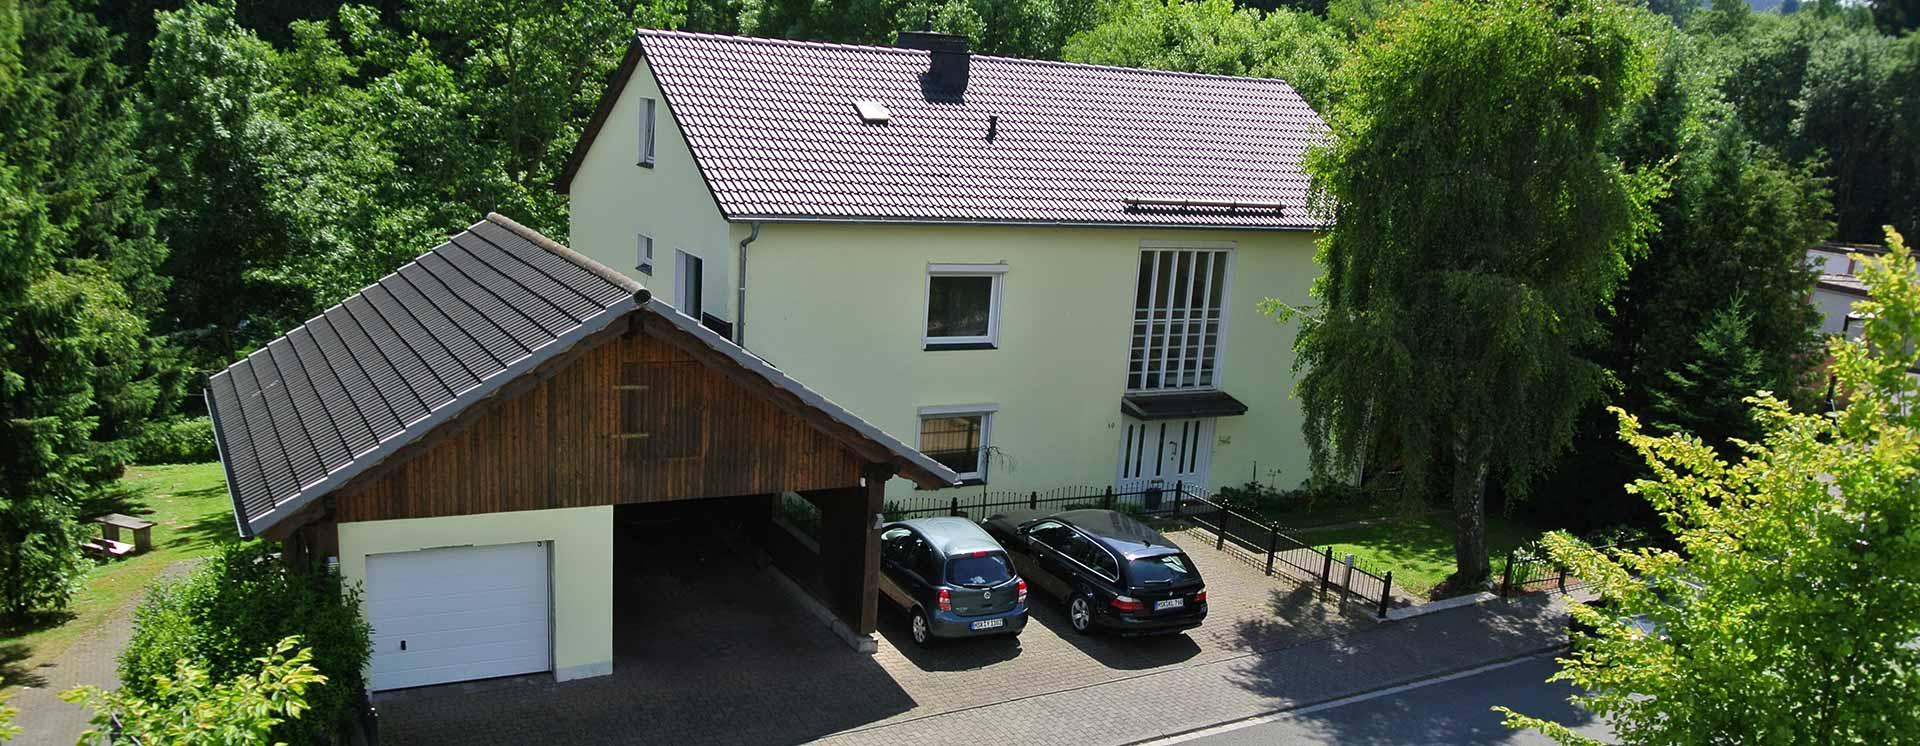 Wohngruppe Birkennest